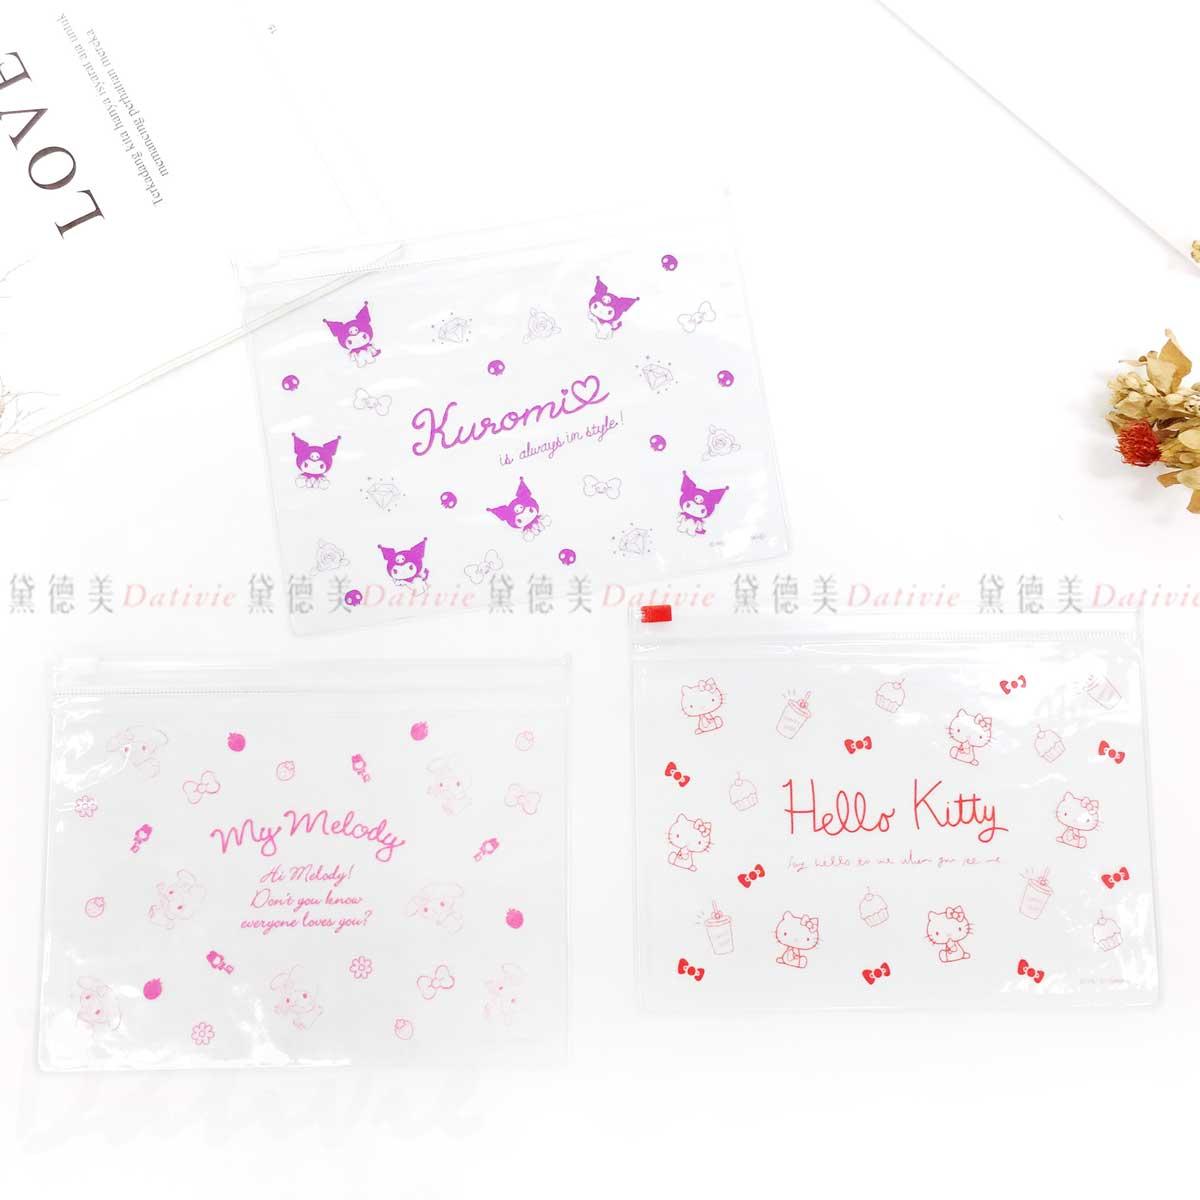 透明雙層夾鏈袋-凱蒂貓 美樂蒂 酷洛米 SIAA抗菌除臭 三麗鷗 Sanrio  日本進口正版授權